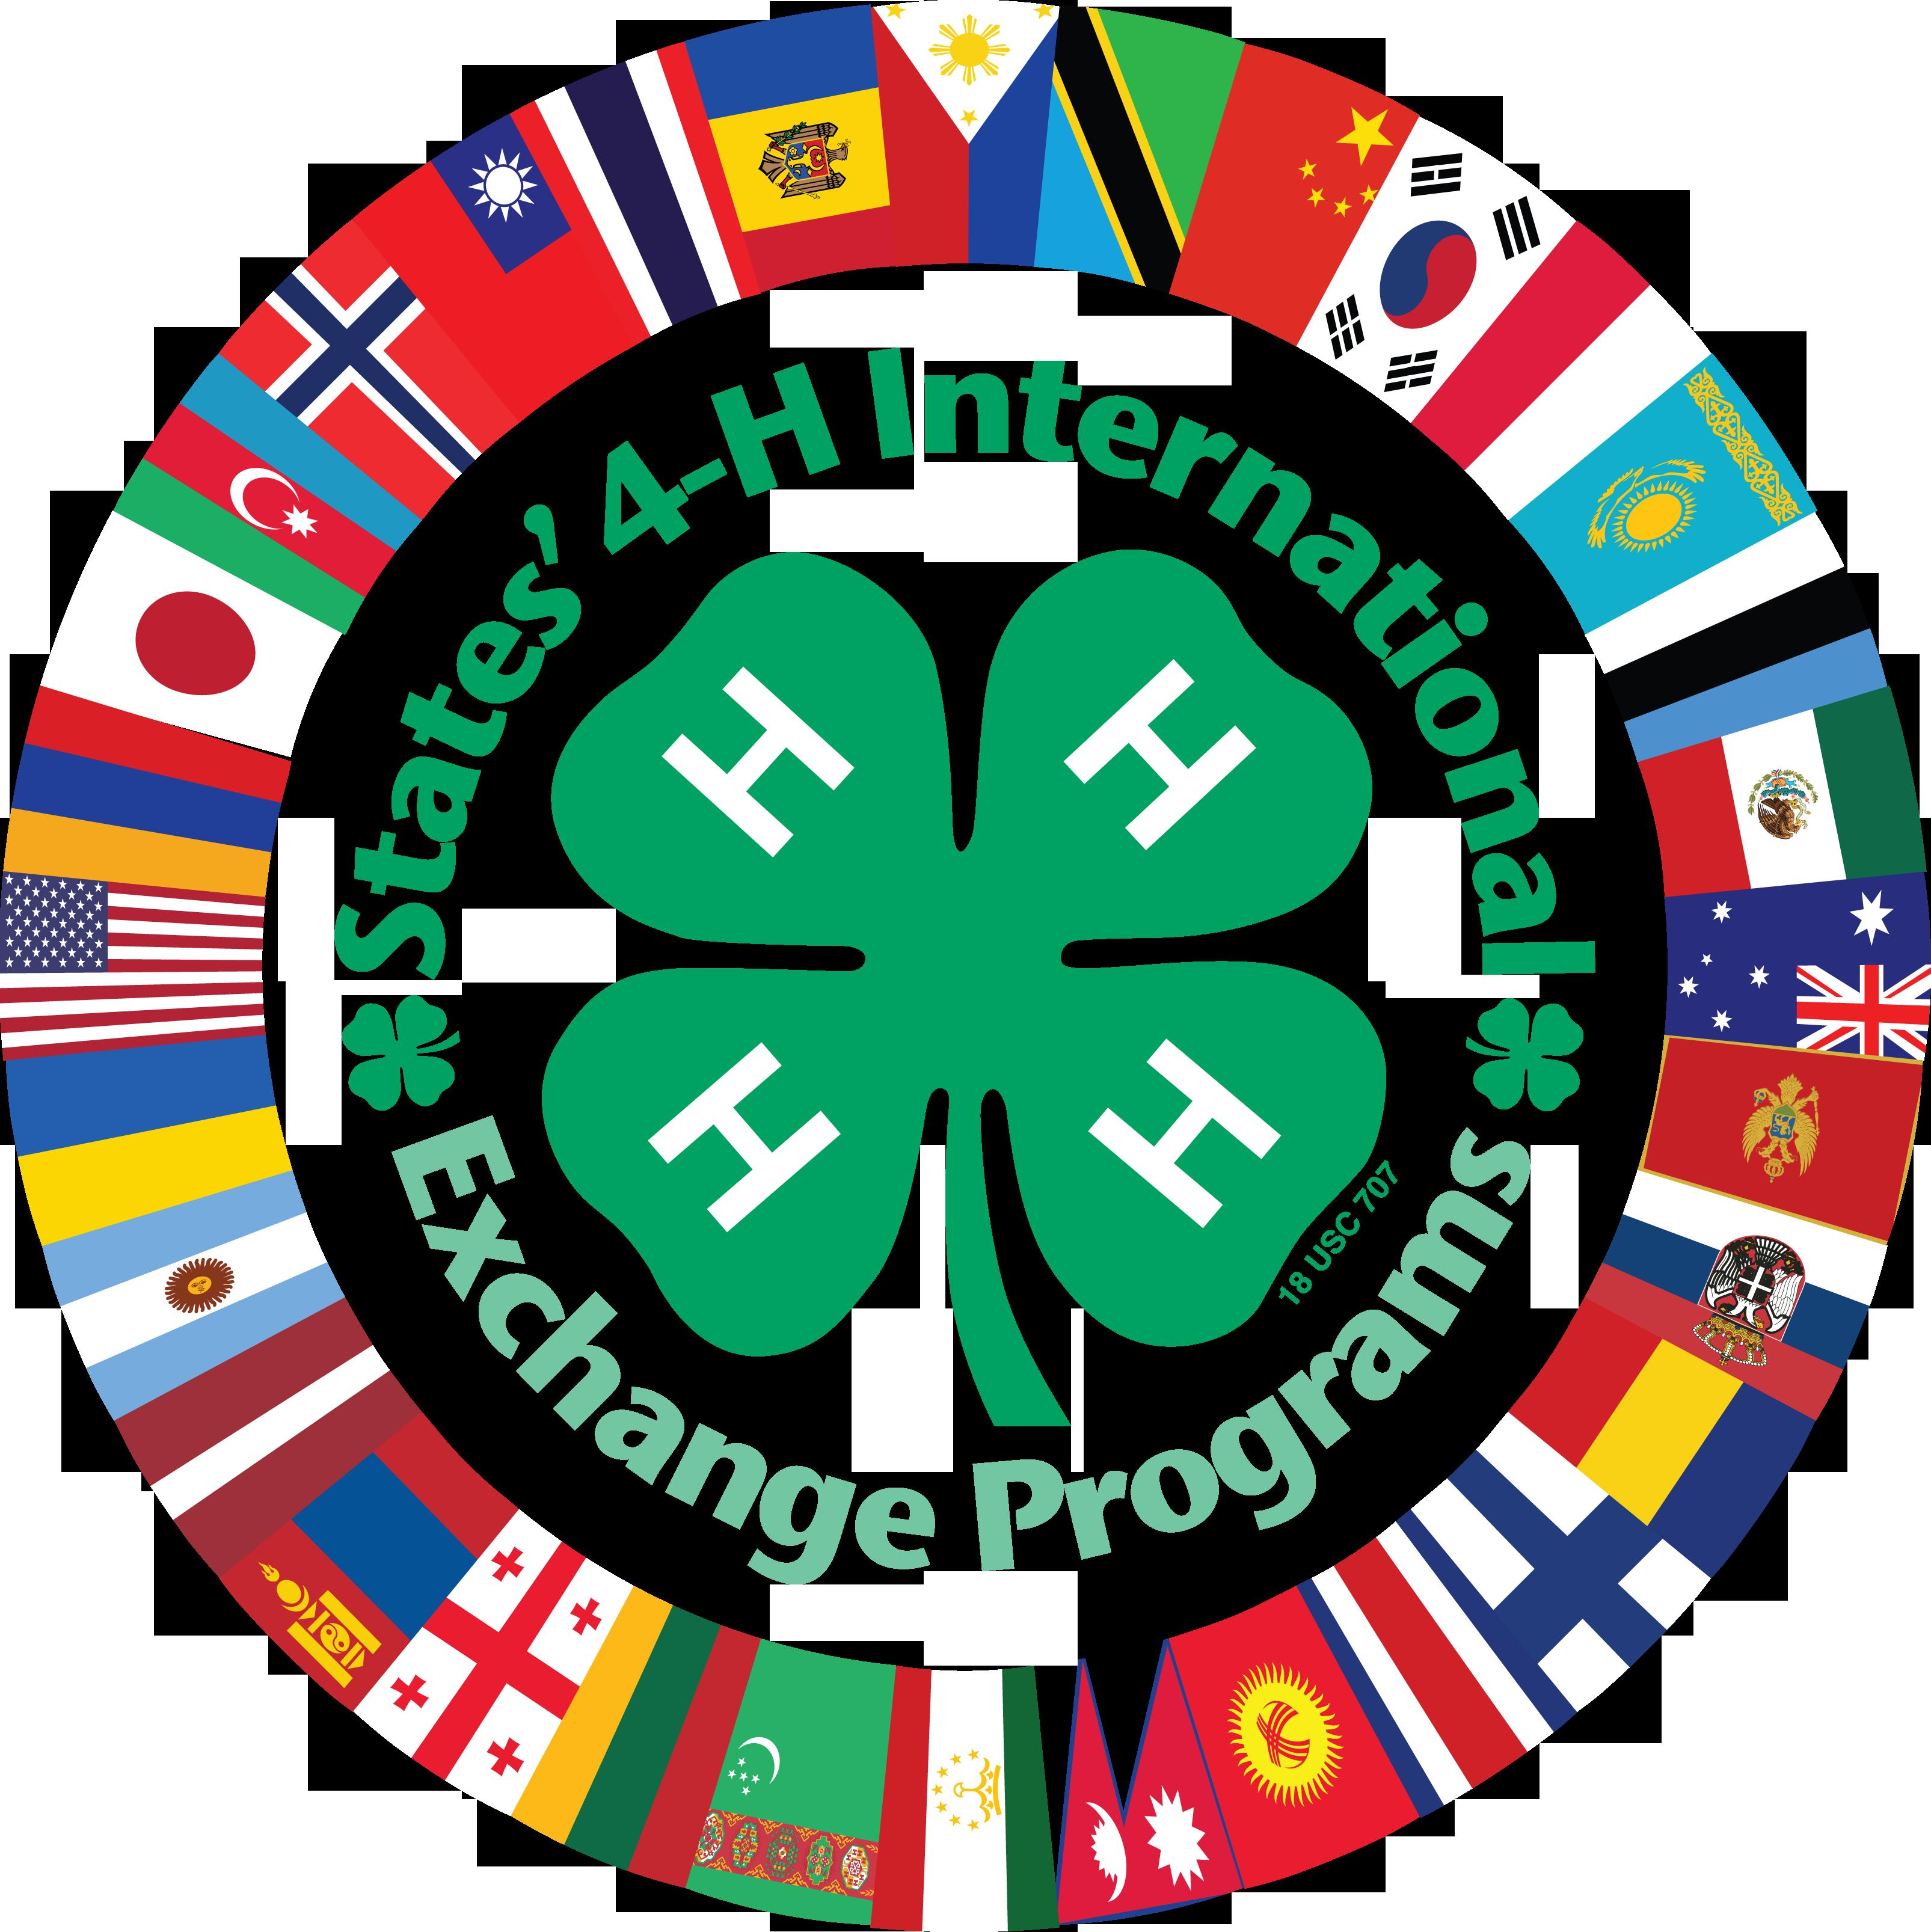 Logo States 4-H International Exchange Program